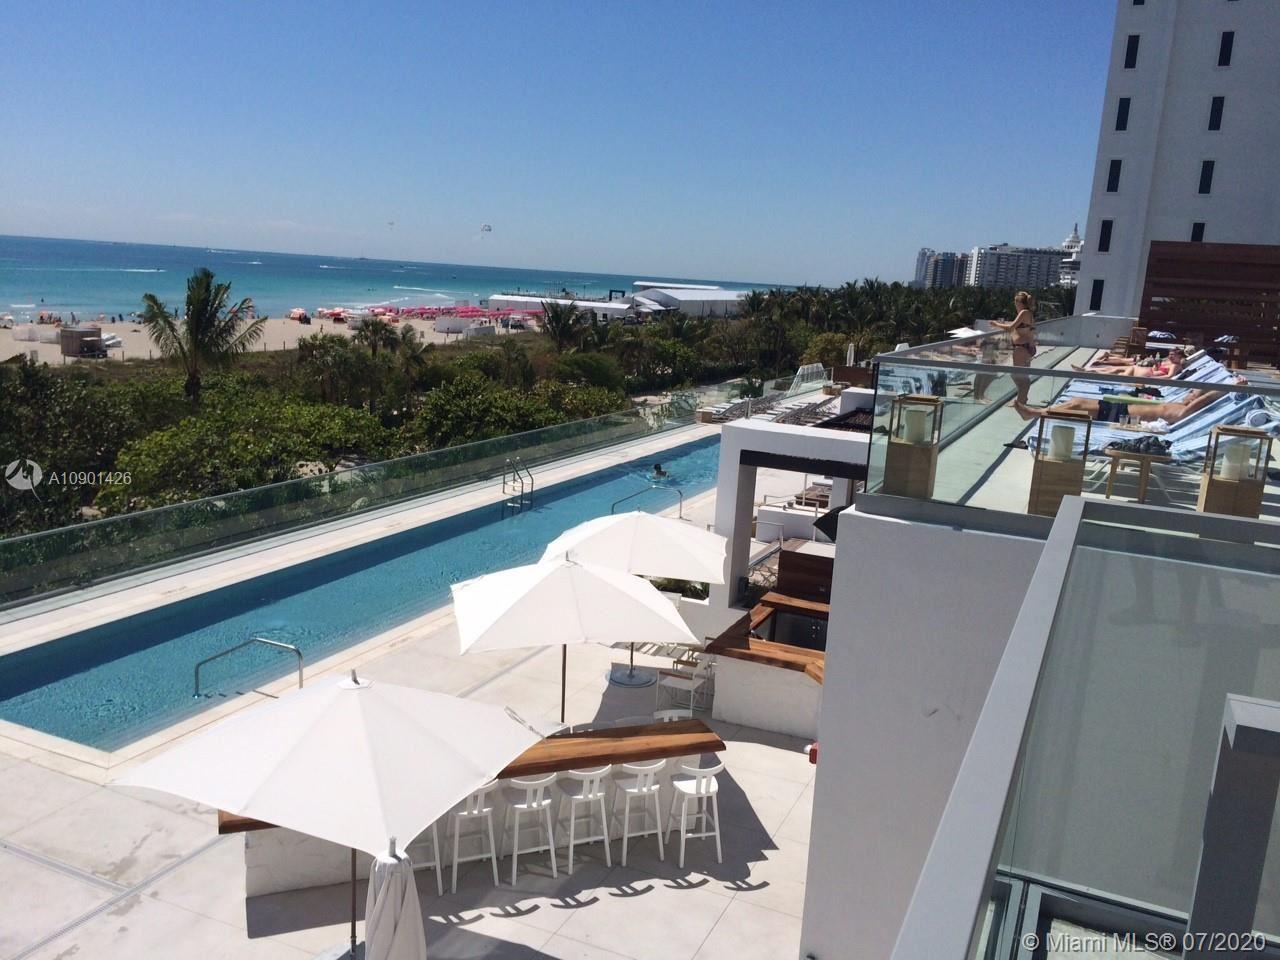 2301 Collins Ave #1134, Miami Beach, FL 33139 - #: A10901426